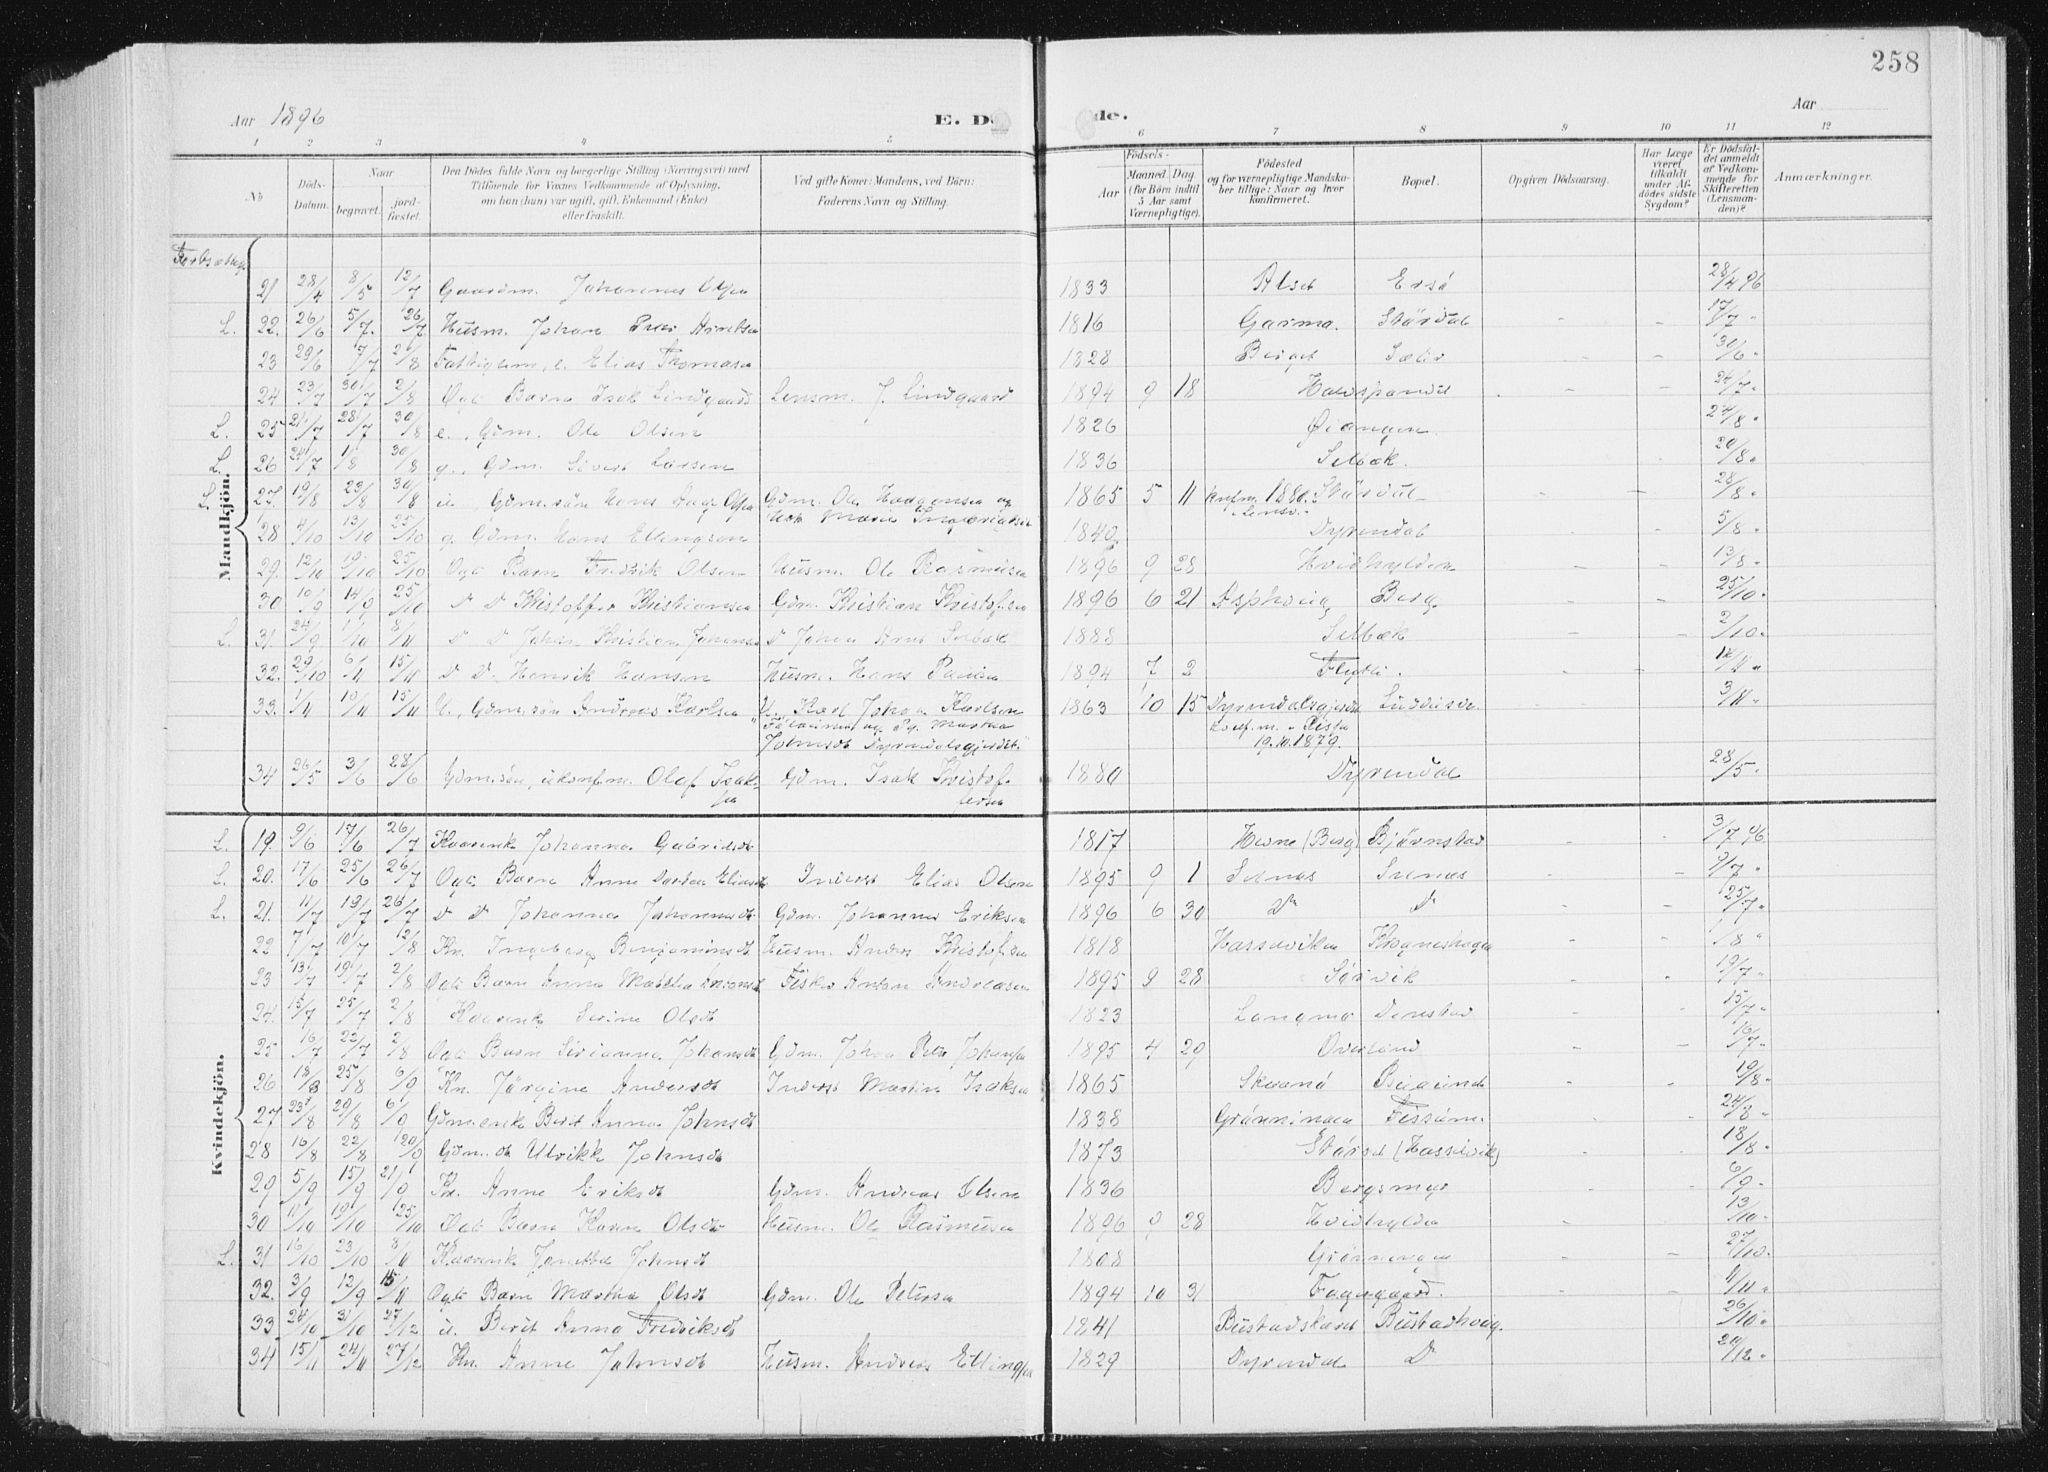 SAT, Ministerialprotokoller, klokkerbøker og fødselsregistre - Sør-Trøndelag, 647/L0635: Ministerialbok nr. 647A02, 1896-1911, s. 258